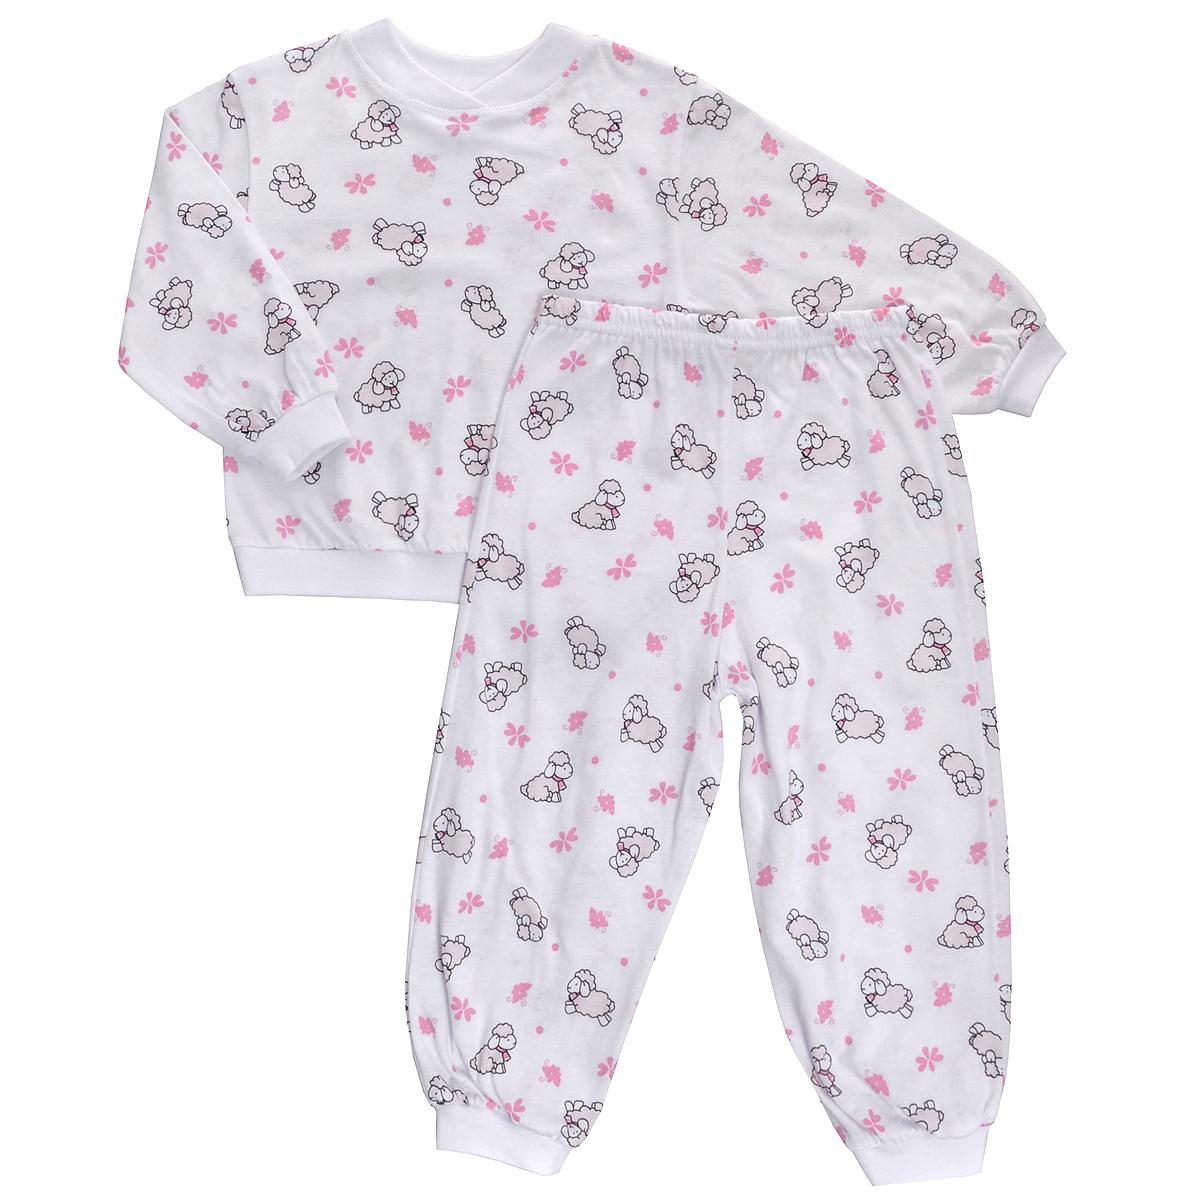 Пижама детская. 55Яркая детская пижама Трон-плюс, состоящая из кофточки и штанишек, идеально подойдет вашему малышу и станет отличным дополнением к детскому гардеробу. Теплая пижама, изготовленная из кулирки - натурального хлопка, необычайно мягкая и легкая, не сковывает движения ребенка, позволяет коже дышать и не раздражает даже самую нежную и чувствительную кожу малыша. Кофта с длинными рукавами имеет круглый вырез горловины. Штанишки на удобной резинке не сдавливают животик ребенка и не сползают. Низ брючин и рукавов оформлены широкими эластичными манжетами. В такой пижаме ваш ребенок будет чувствовать себя комфортно и уютно во время сна.